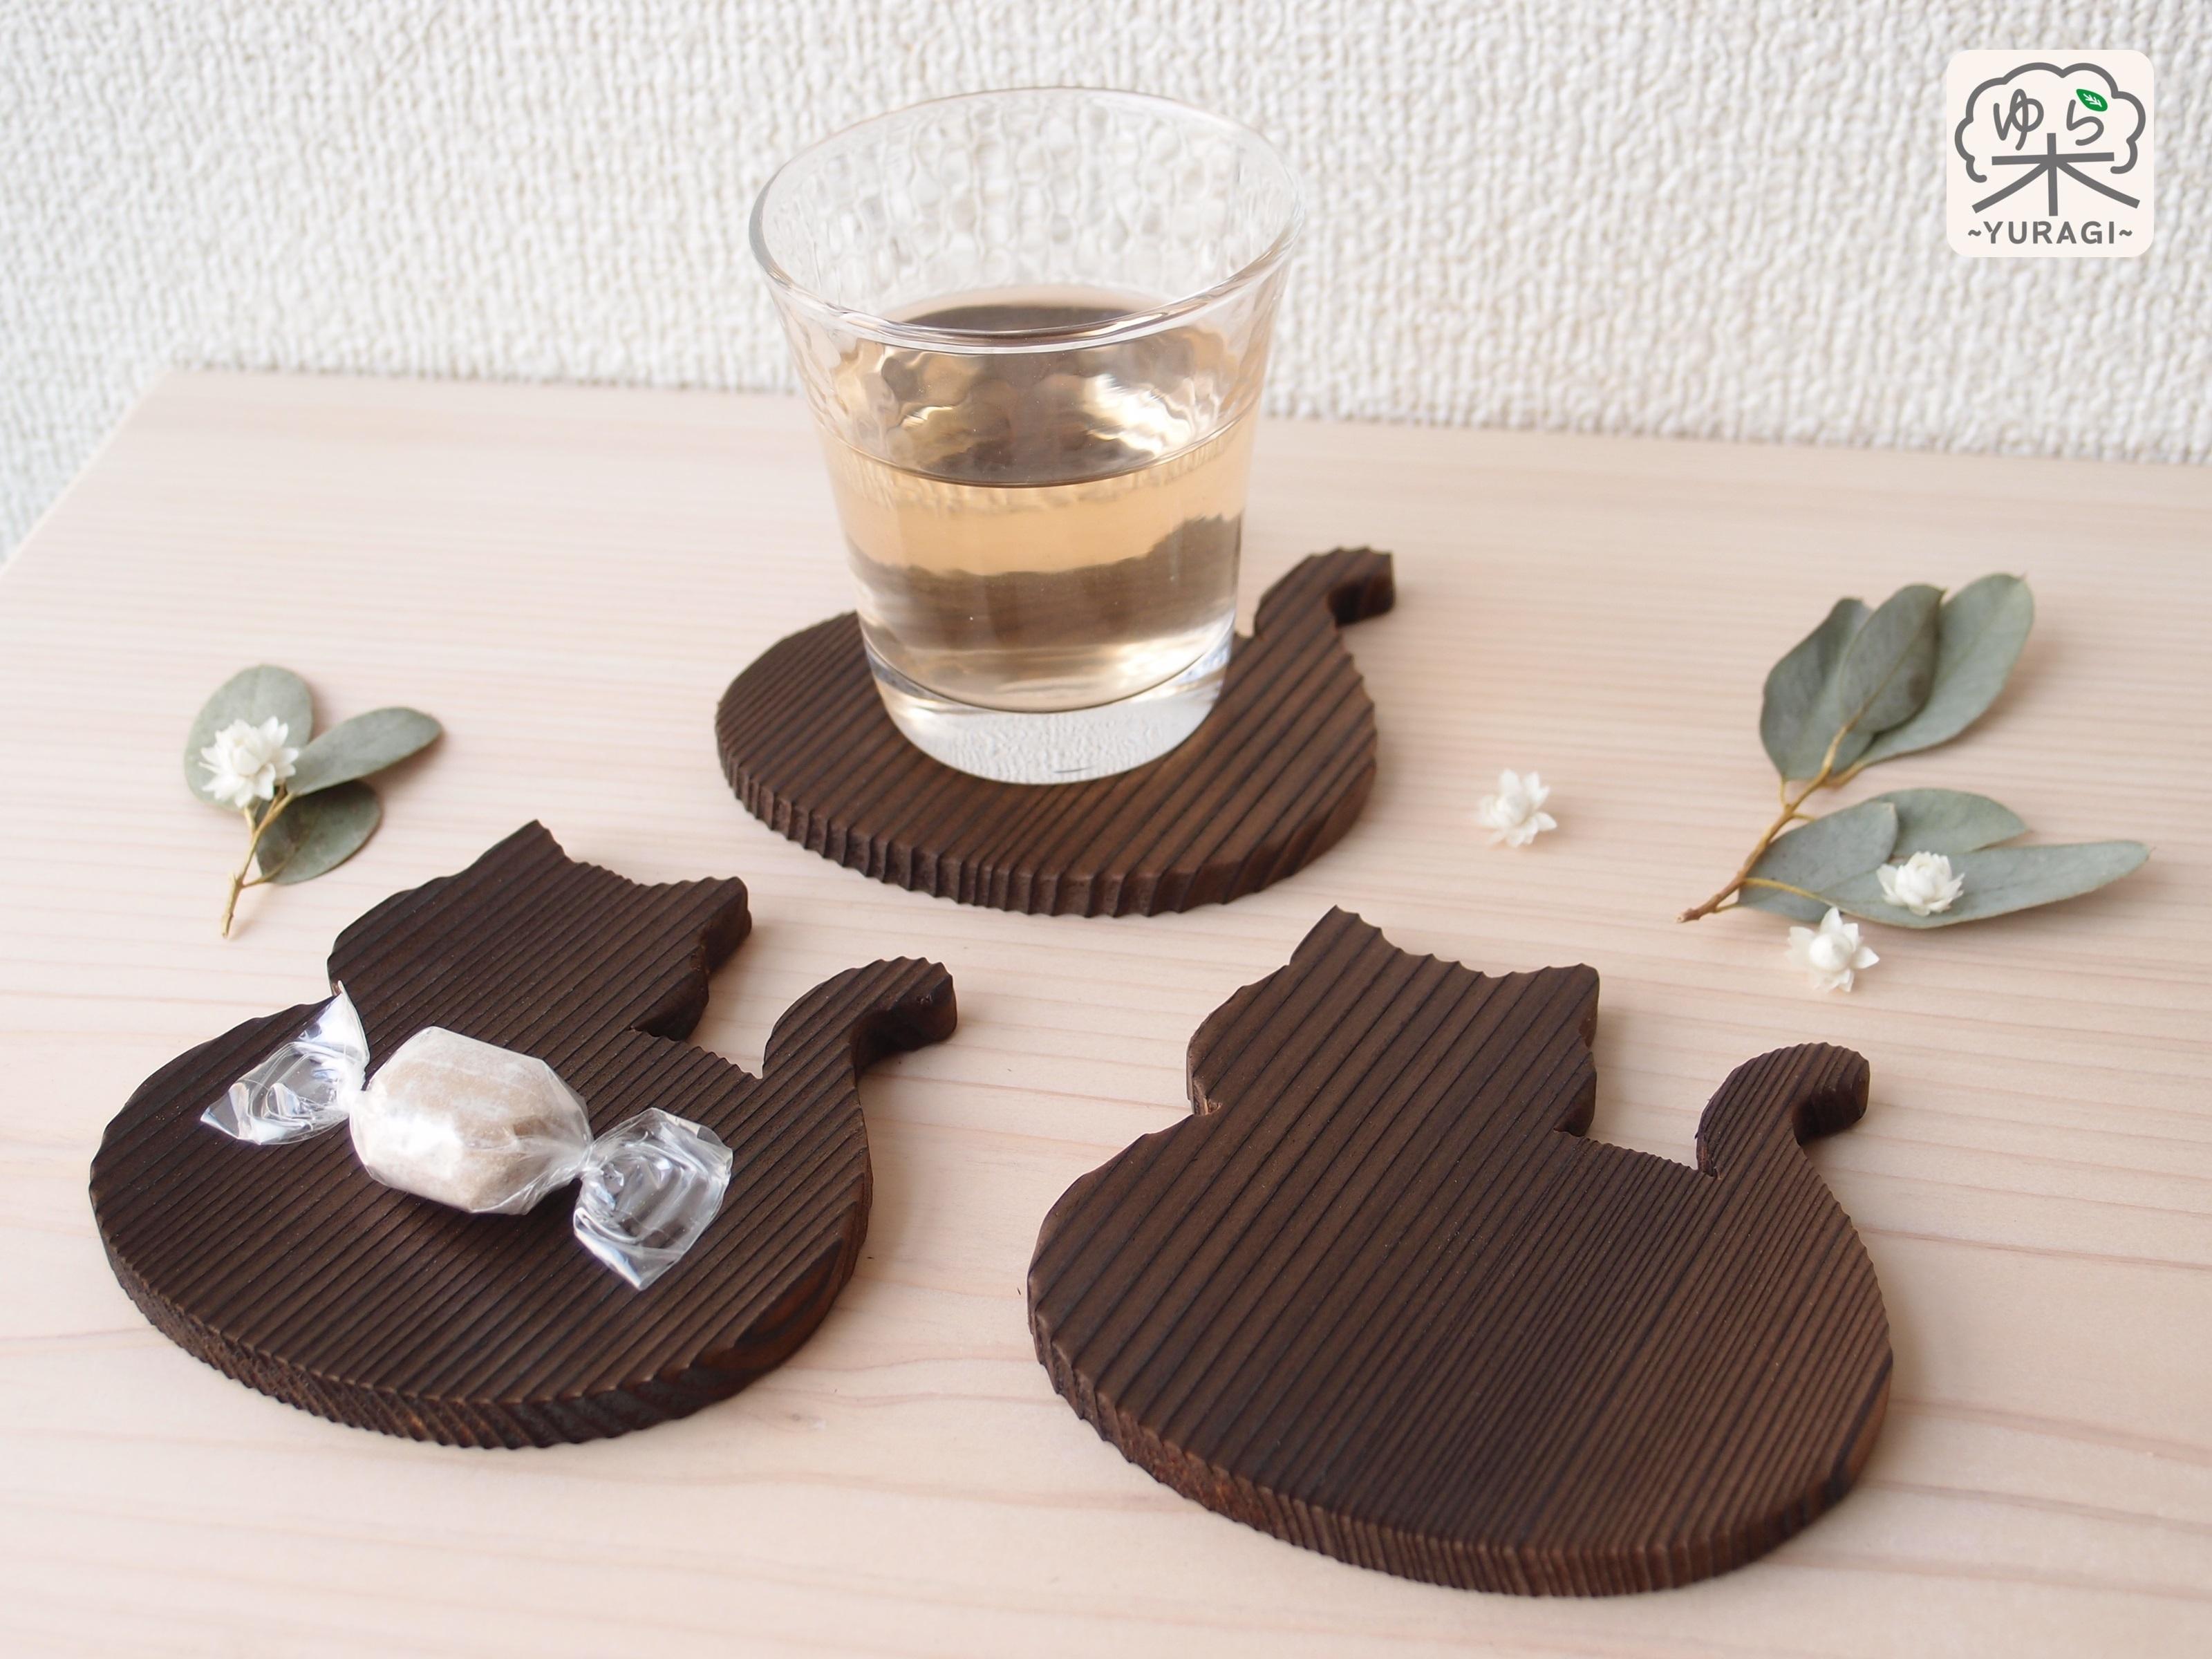 【テーブルの愛猫】まんまるネコ コースター・焼き仕上げ【吸水速乾】